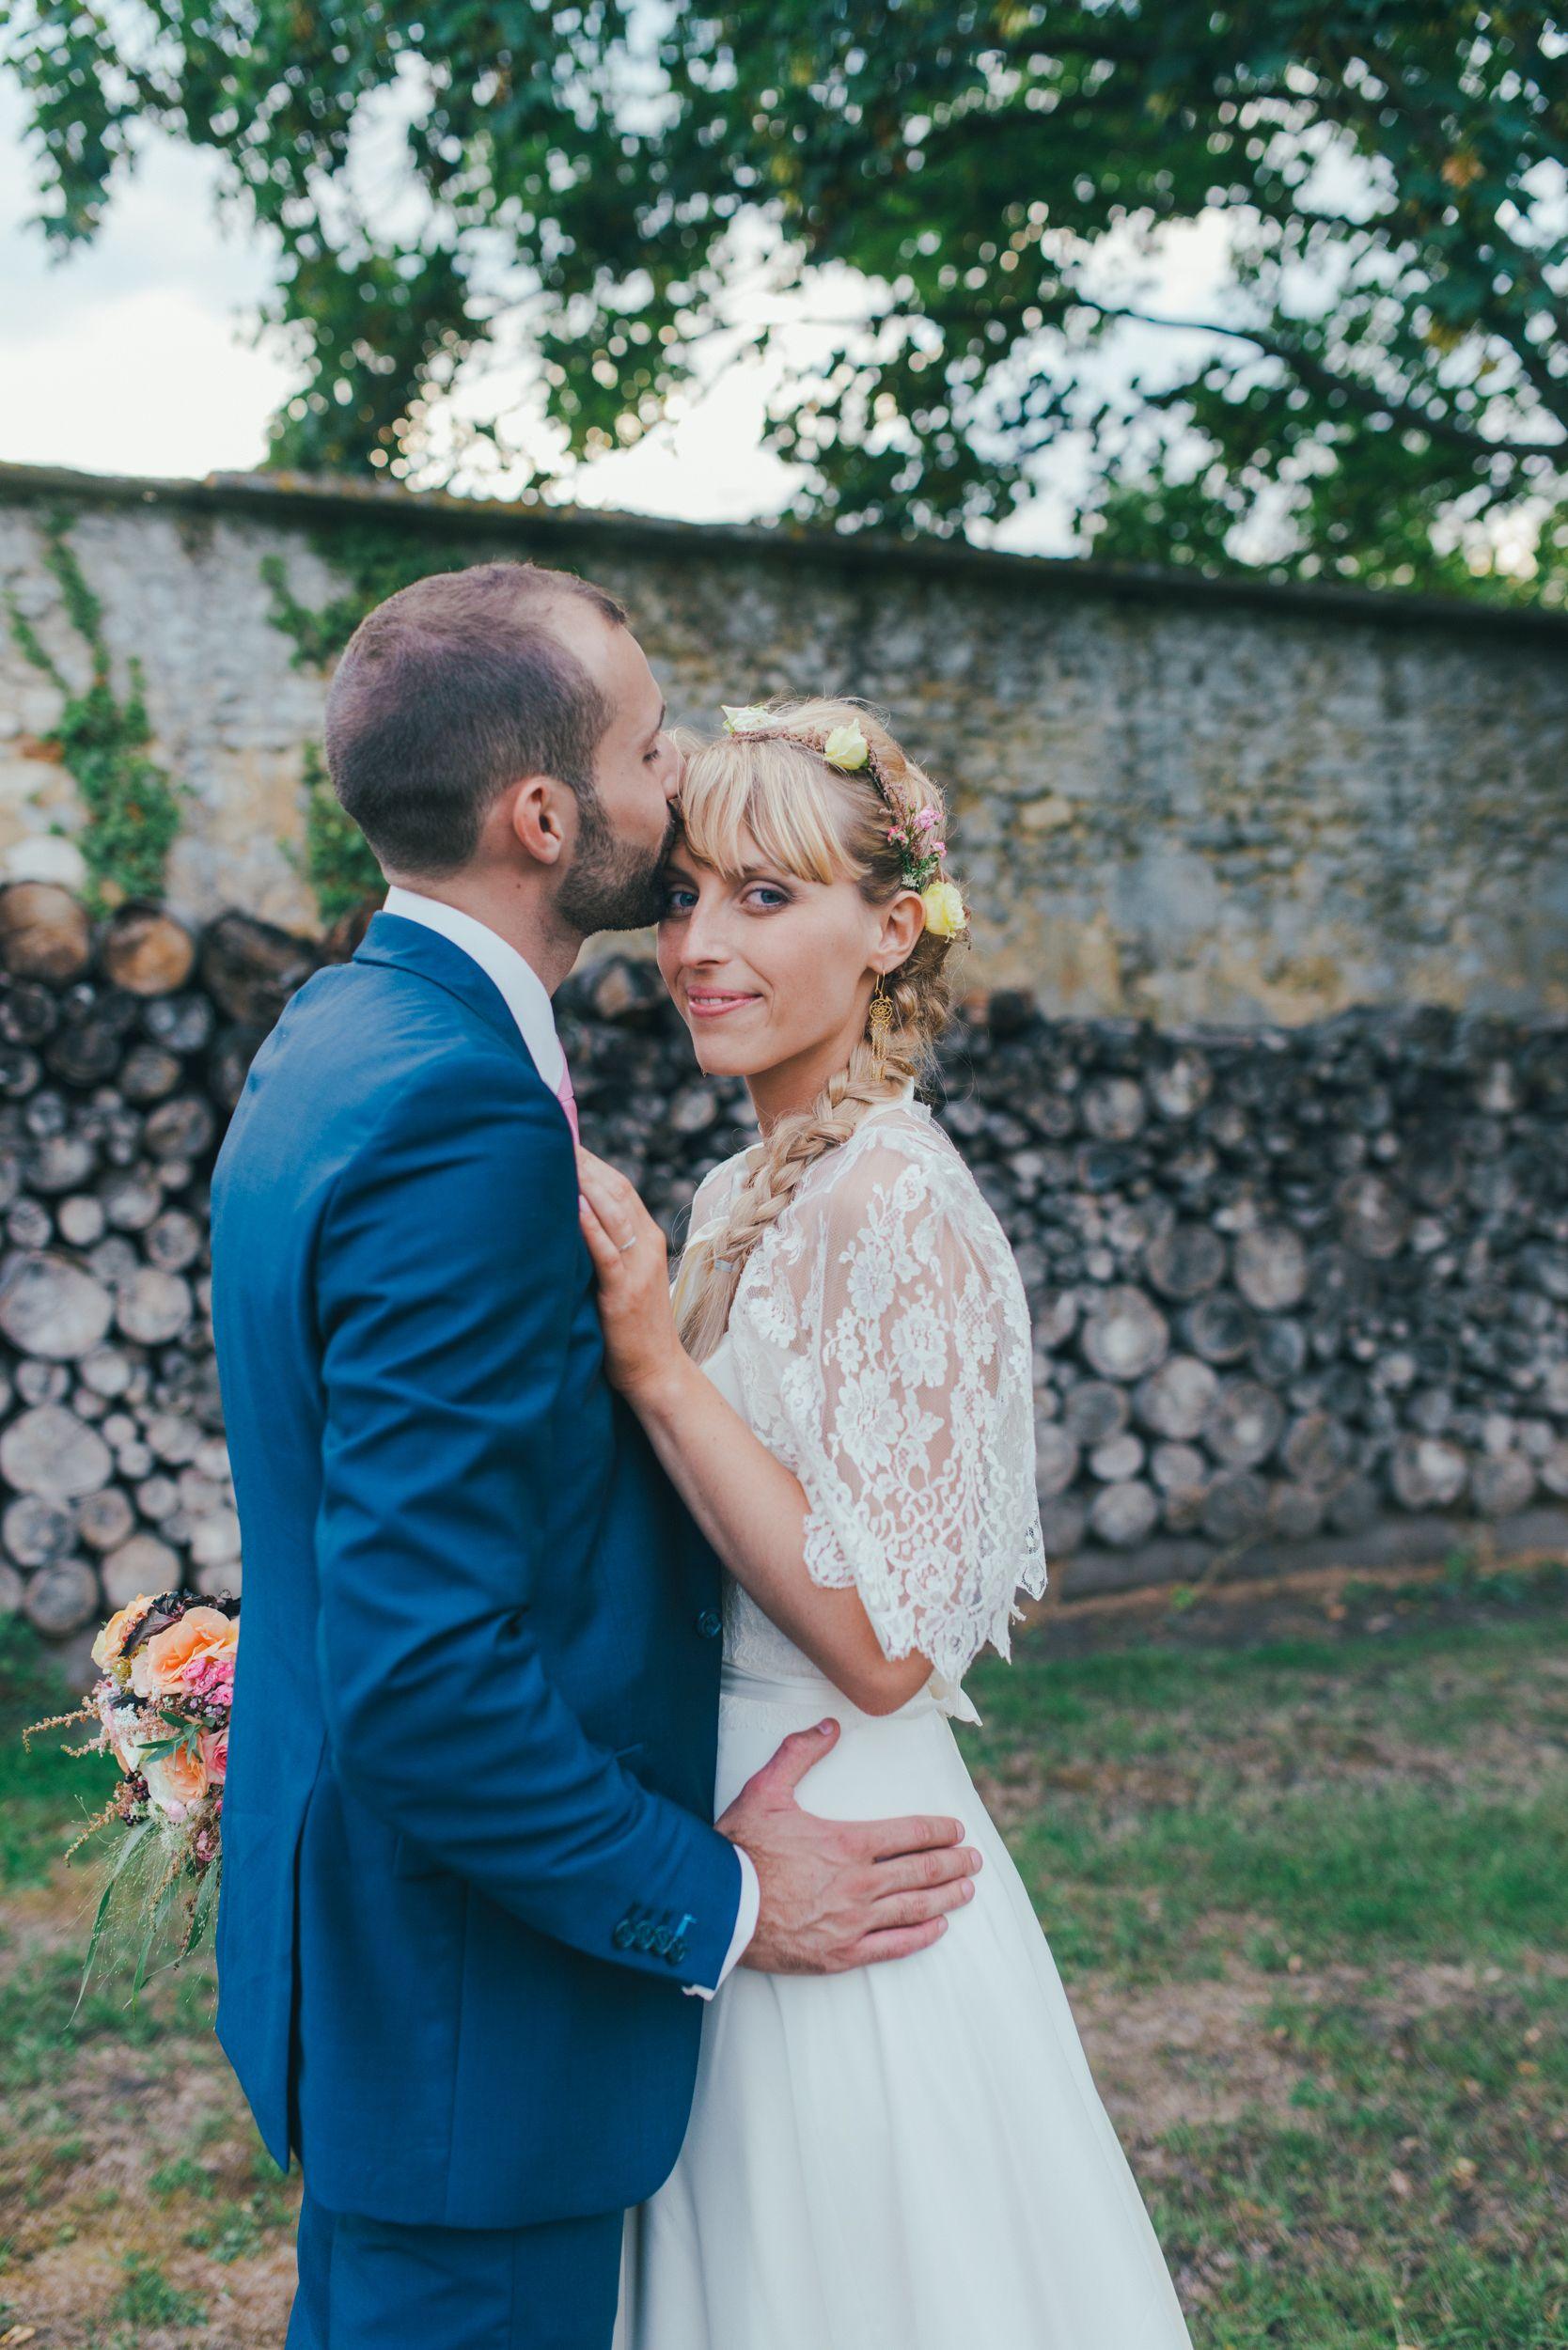 Cécile dans sa robe de mariée sur-mesure Mademoiselle de Guise.  Wedding / Weddingdress / Lace / Paris